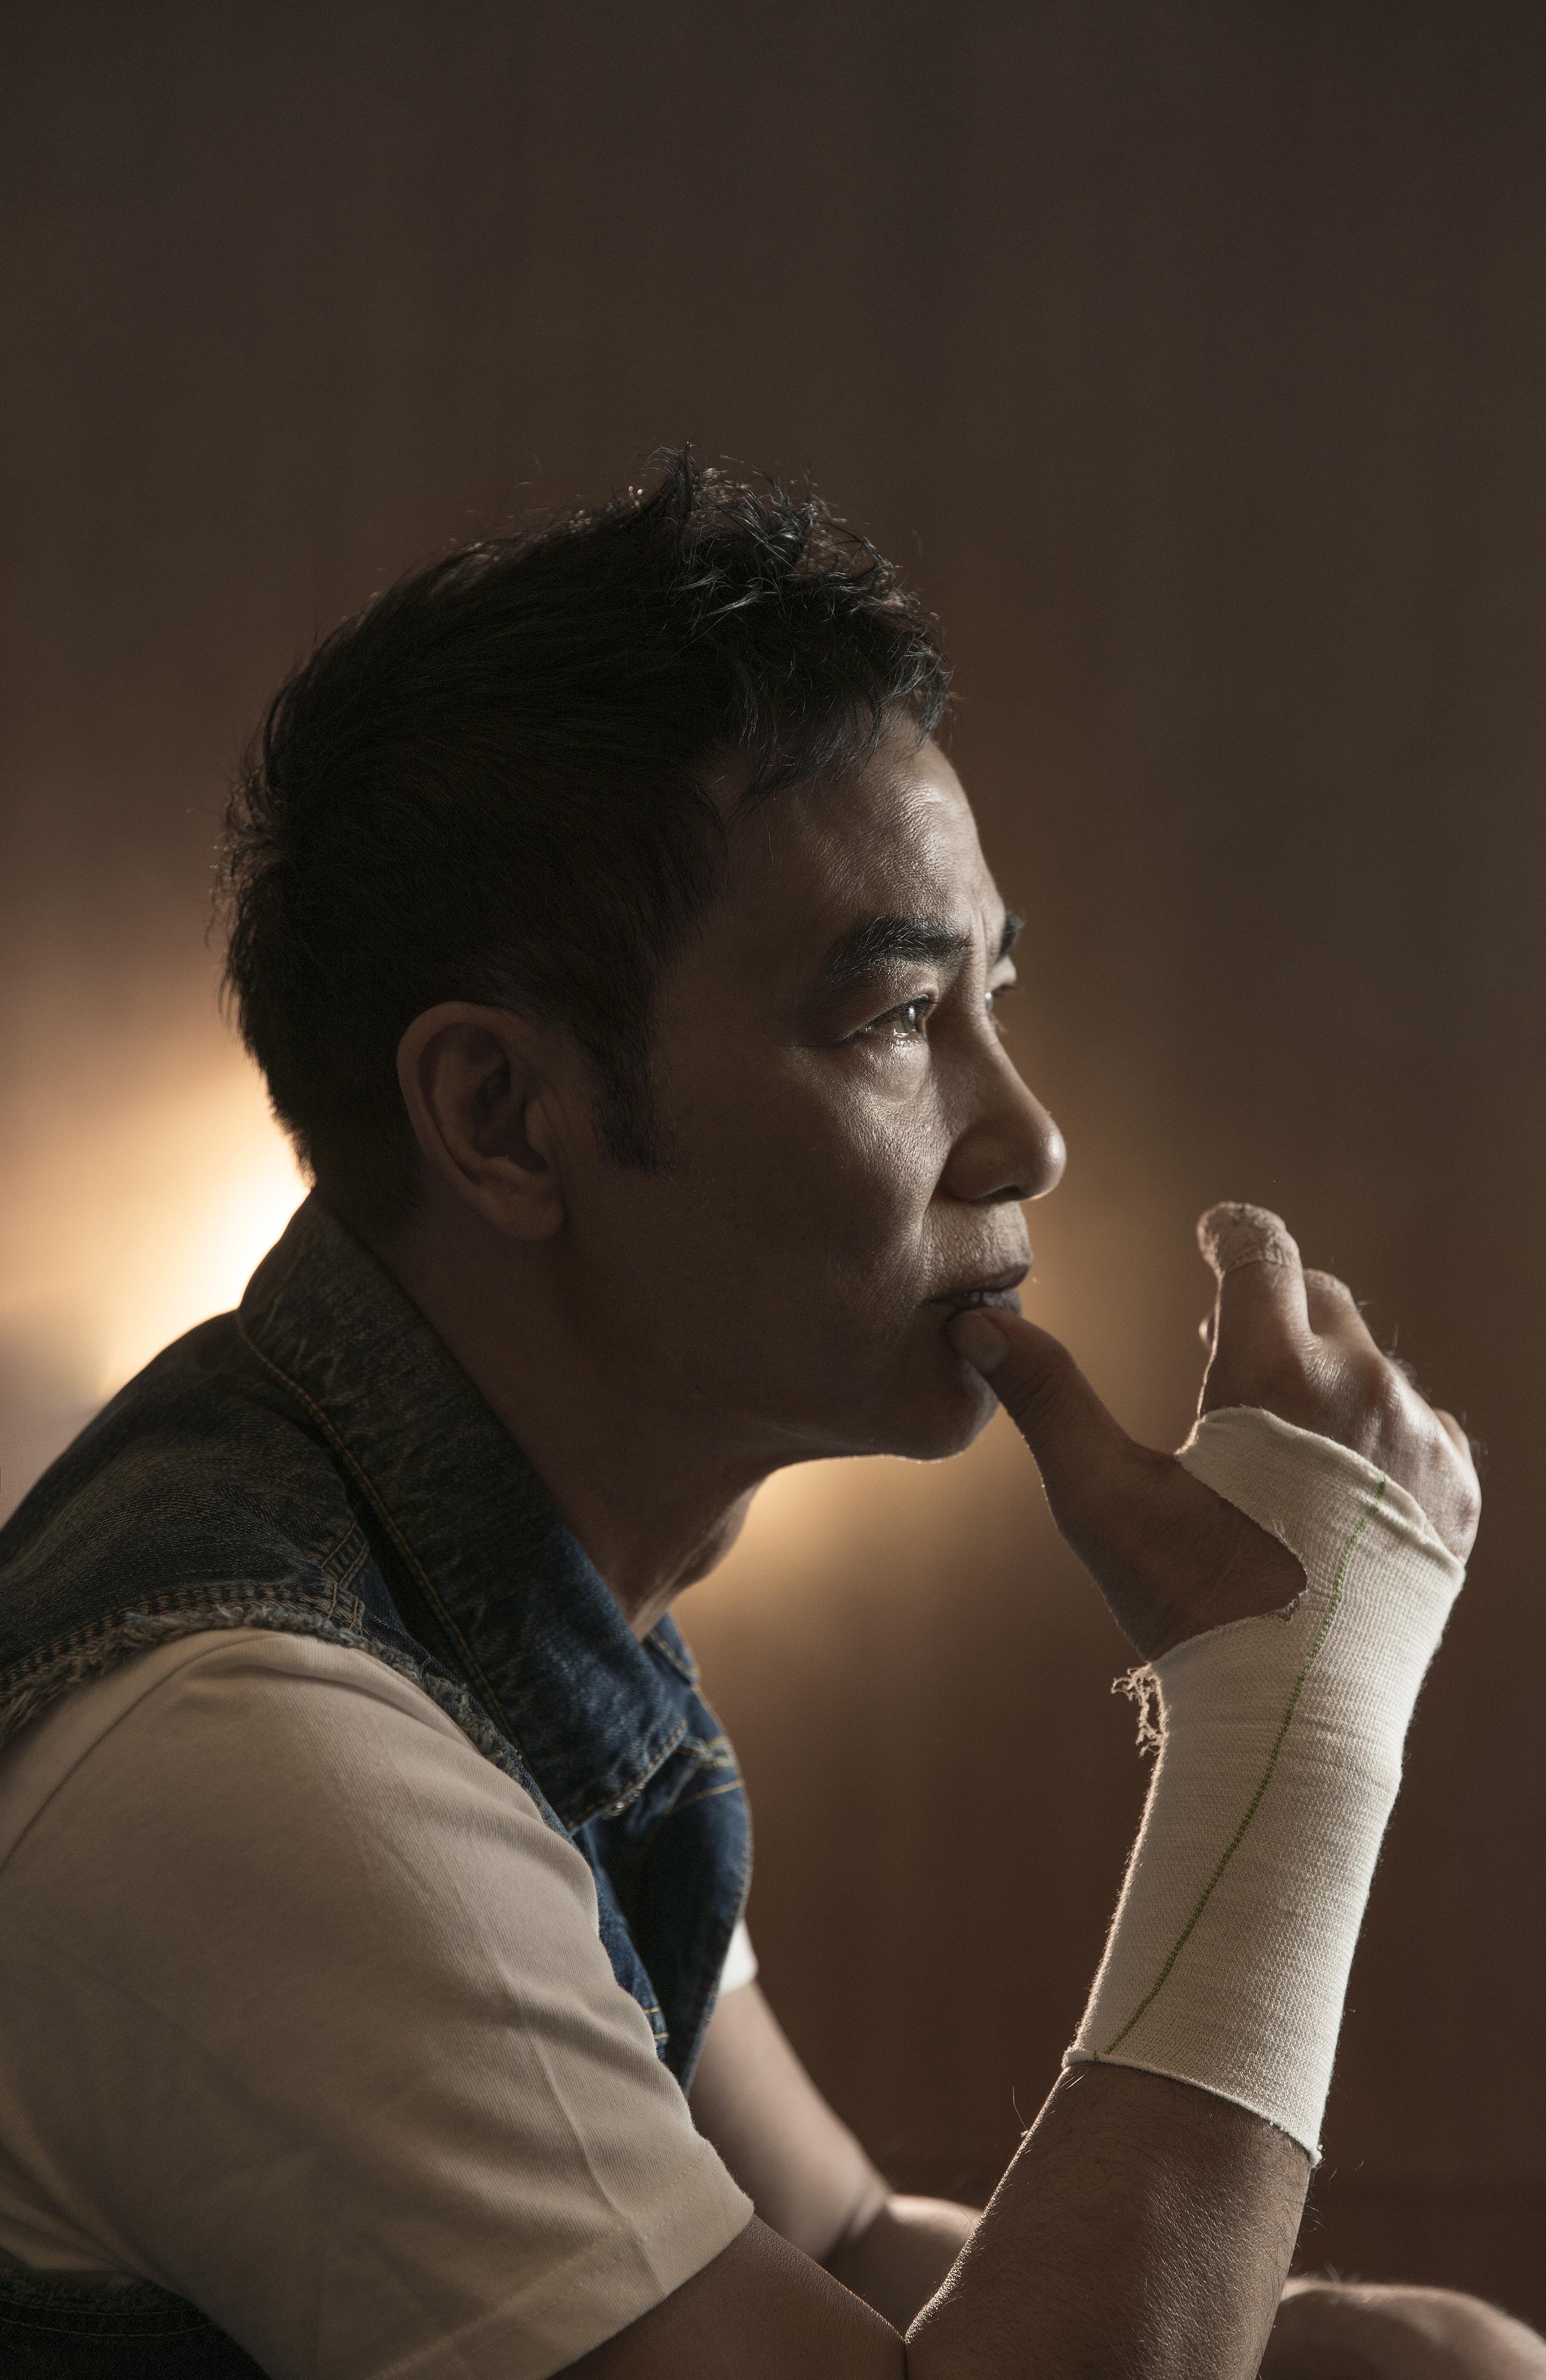 任达华:《小Q》中面临演戏生涯最难挑战丨大咖聊角色